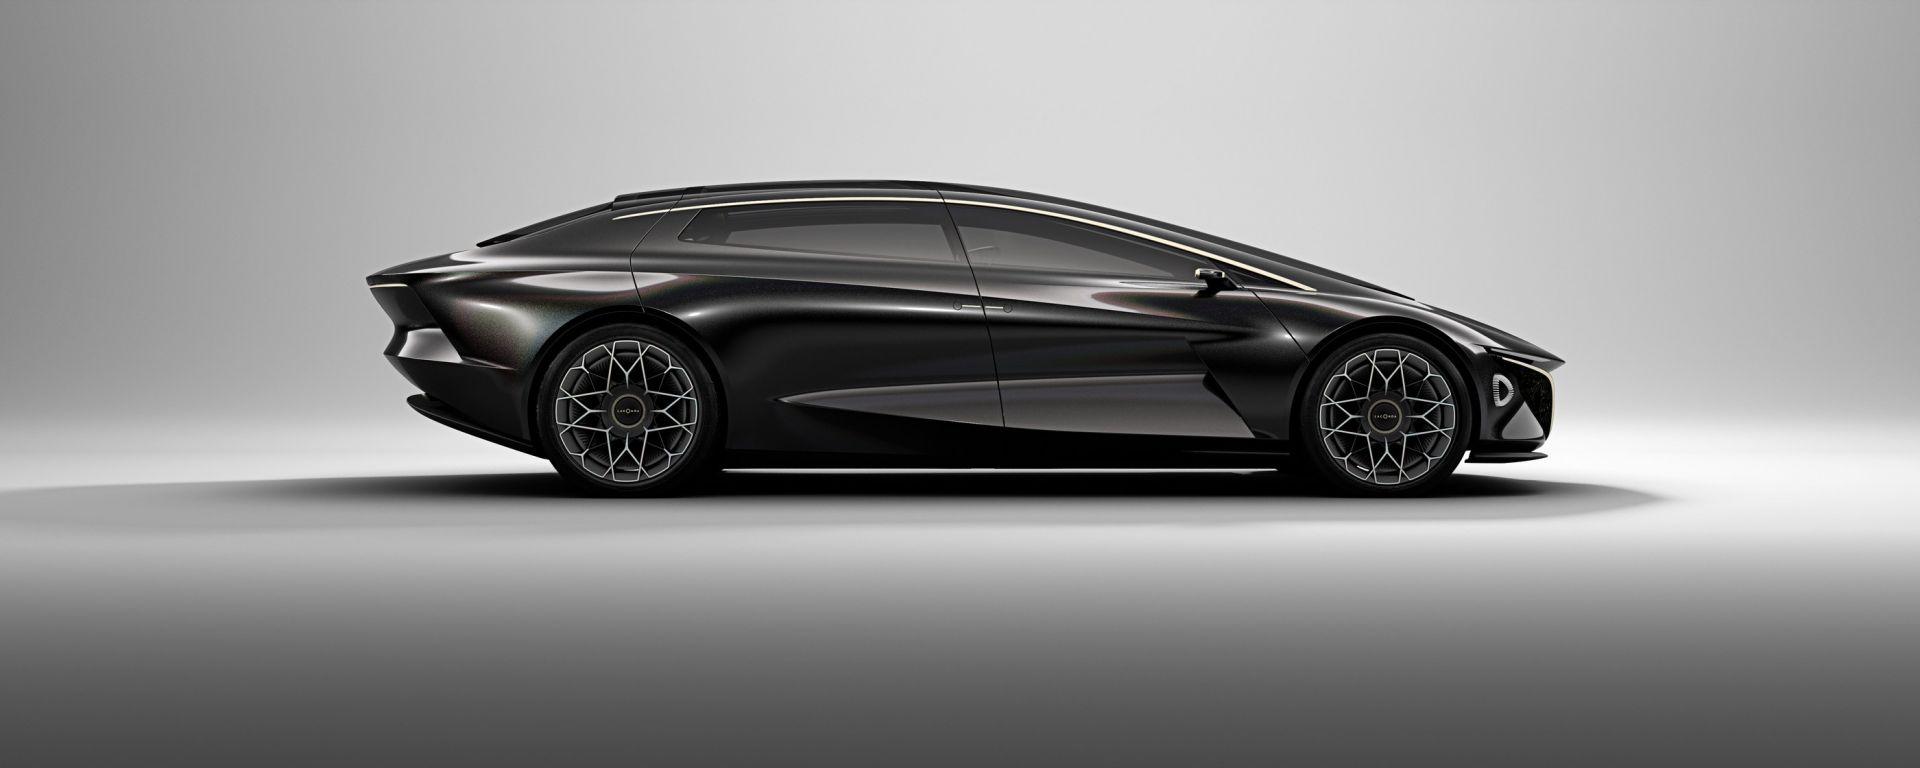 Aston Martin Lagonda Vison Concept: lusso elettrico